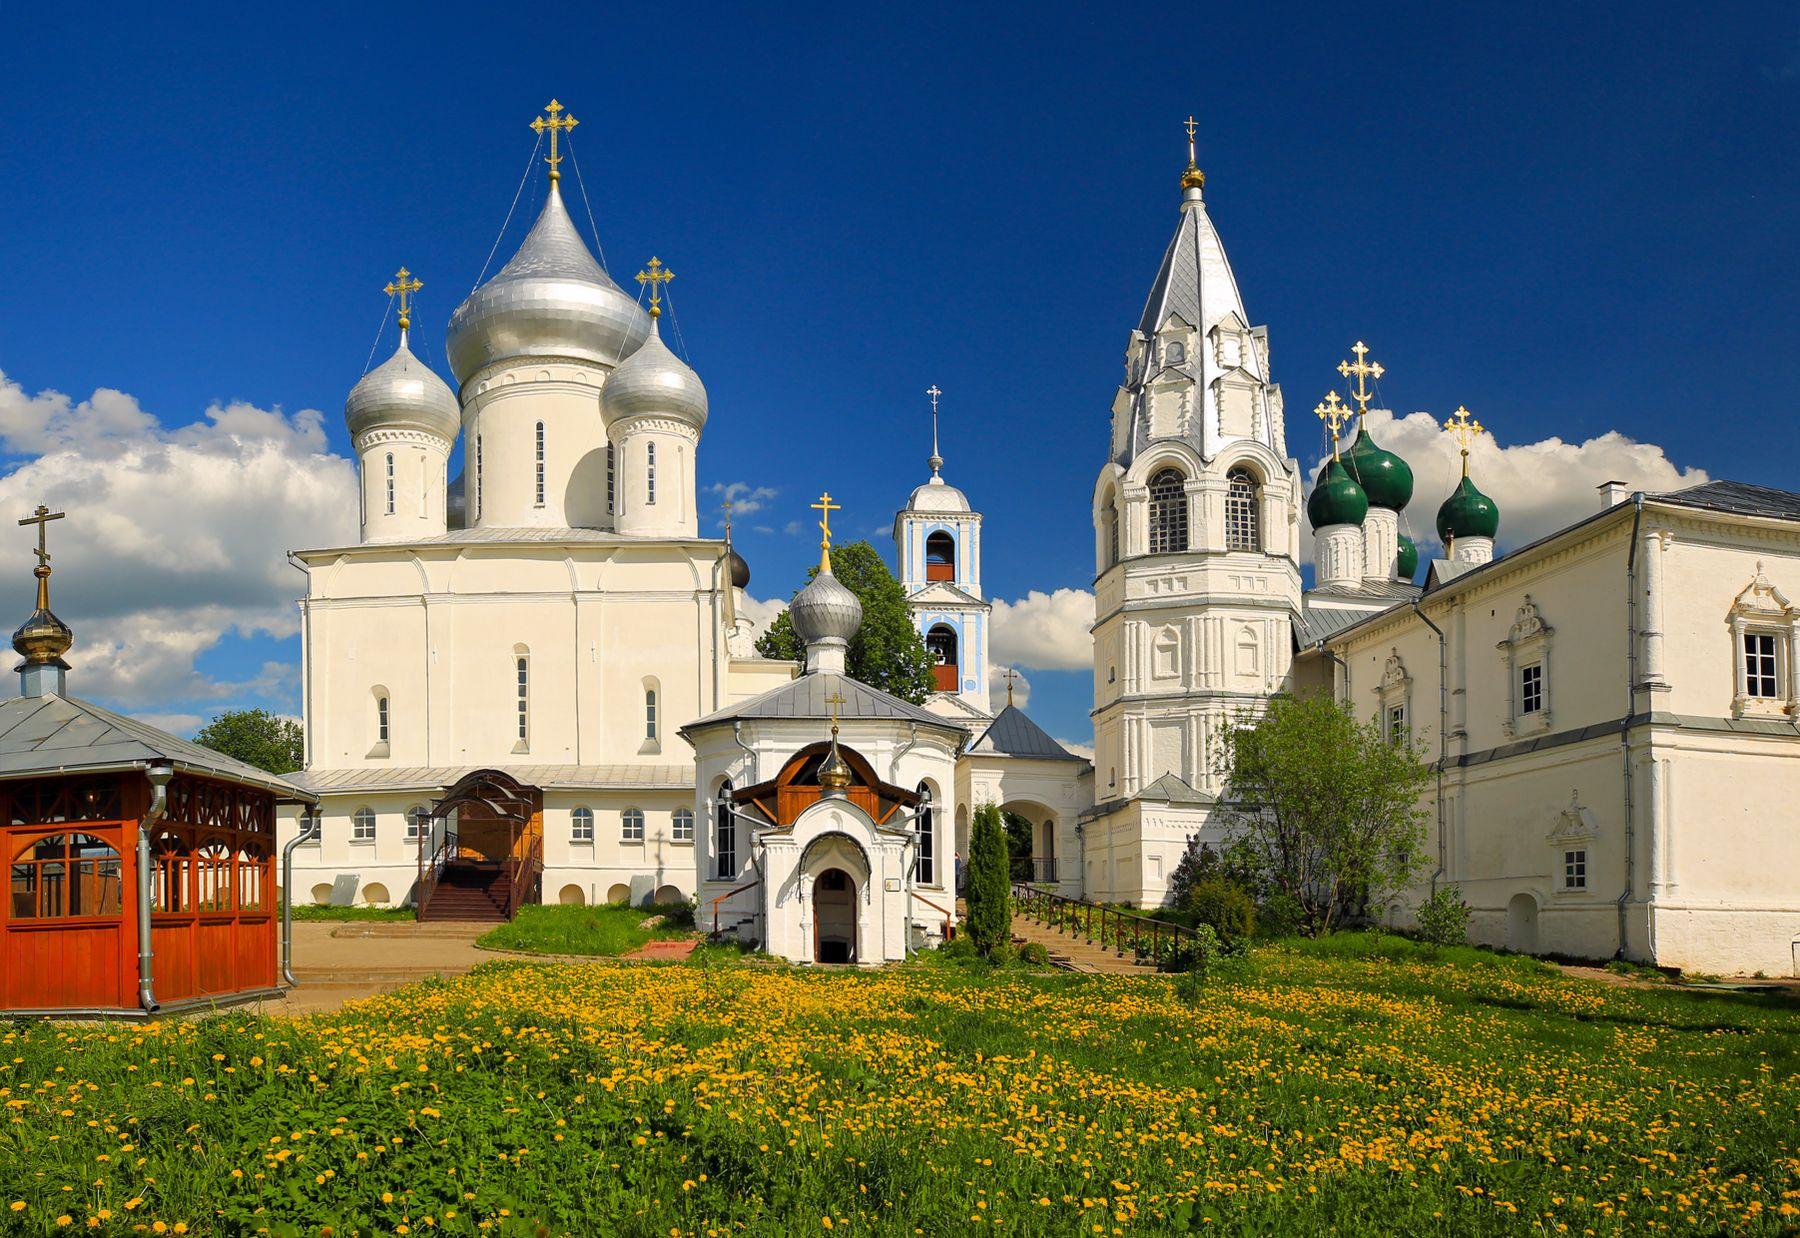 Никитский монастырь Переславль-Залесский Данилов монастырь